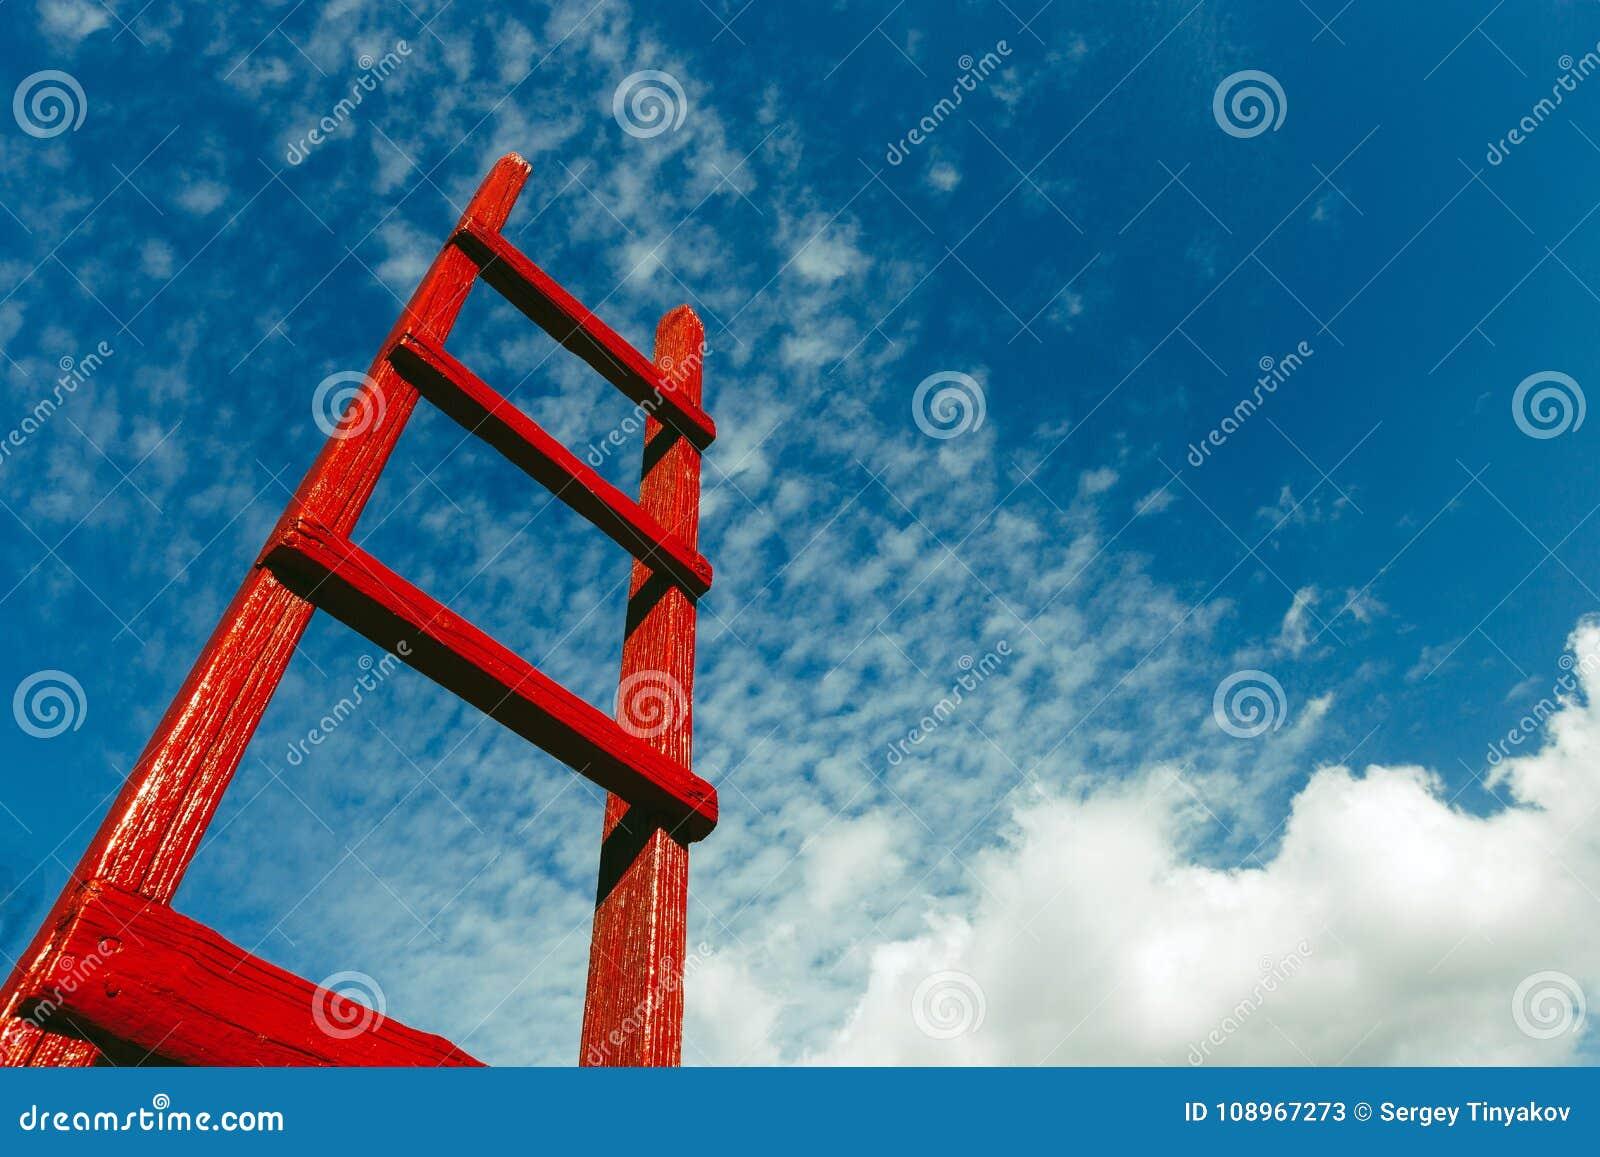 Escalier en bois rouge contre le ciel bleu Concept de croissance de ciel de carrière d affaires de motivation de développement